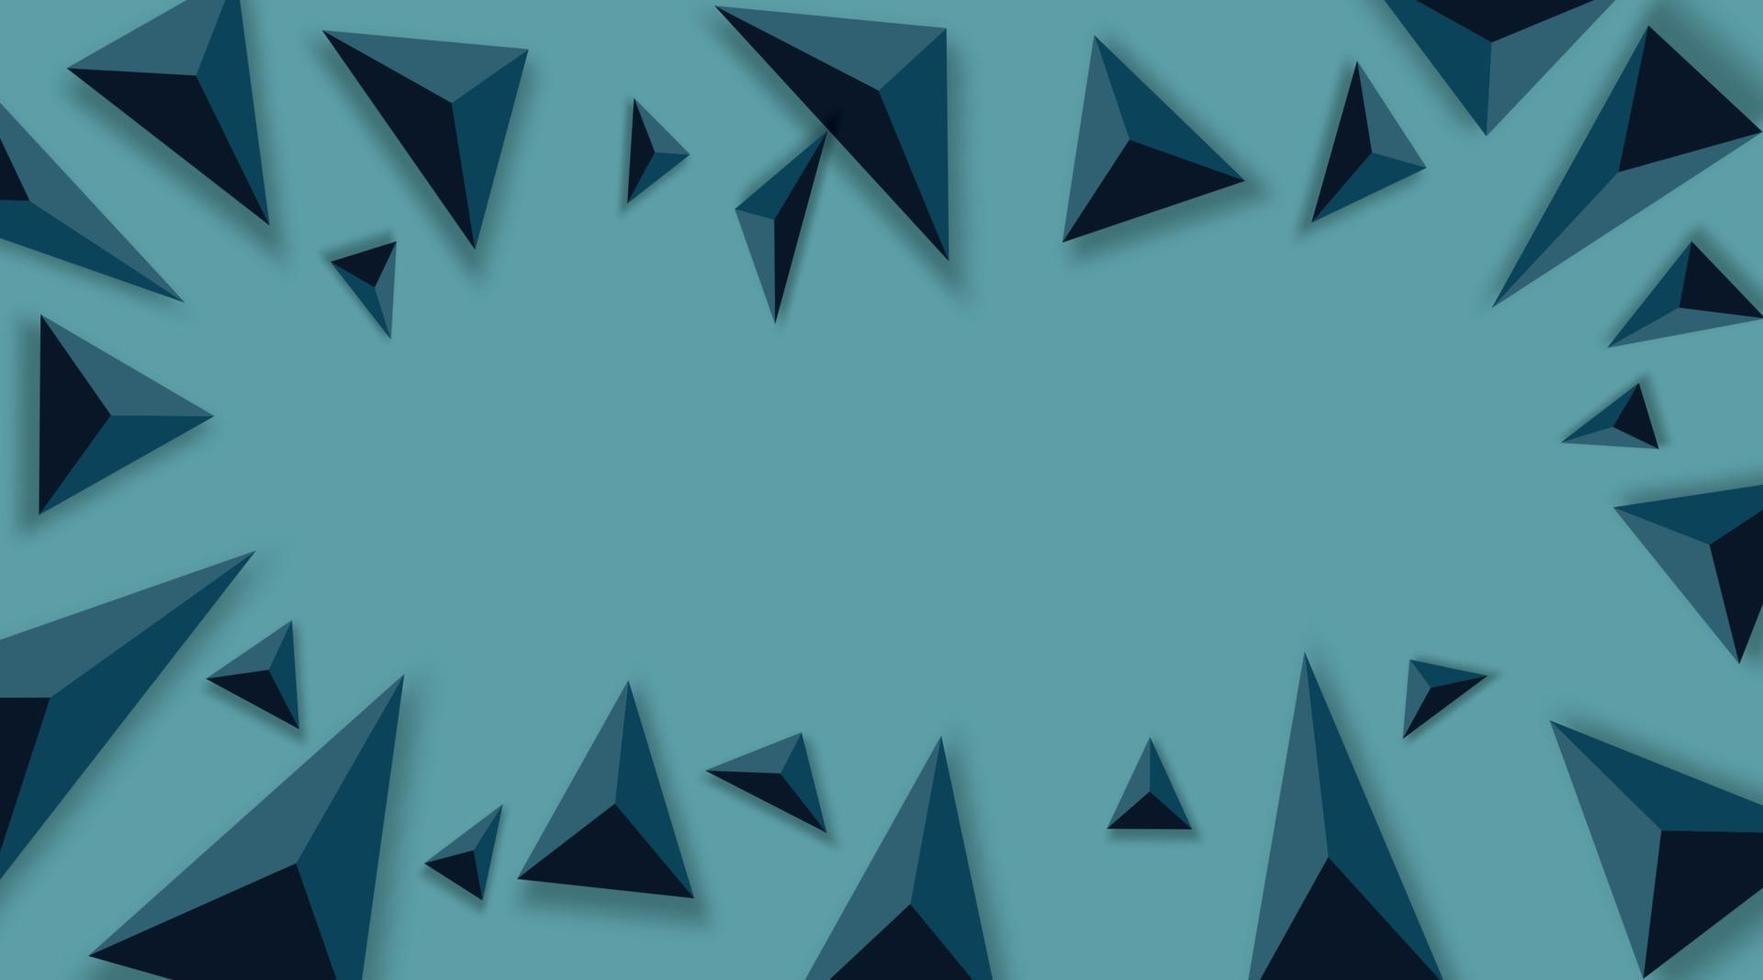 fundo abstrato com triângulos pretos. realista e 3D. ilustração vetorial sobre fundo azul. vetor